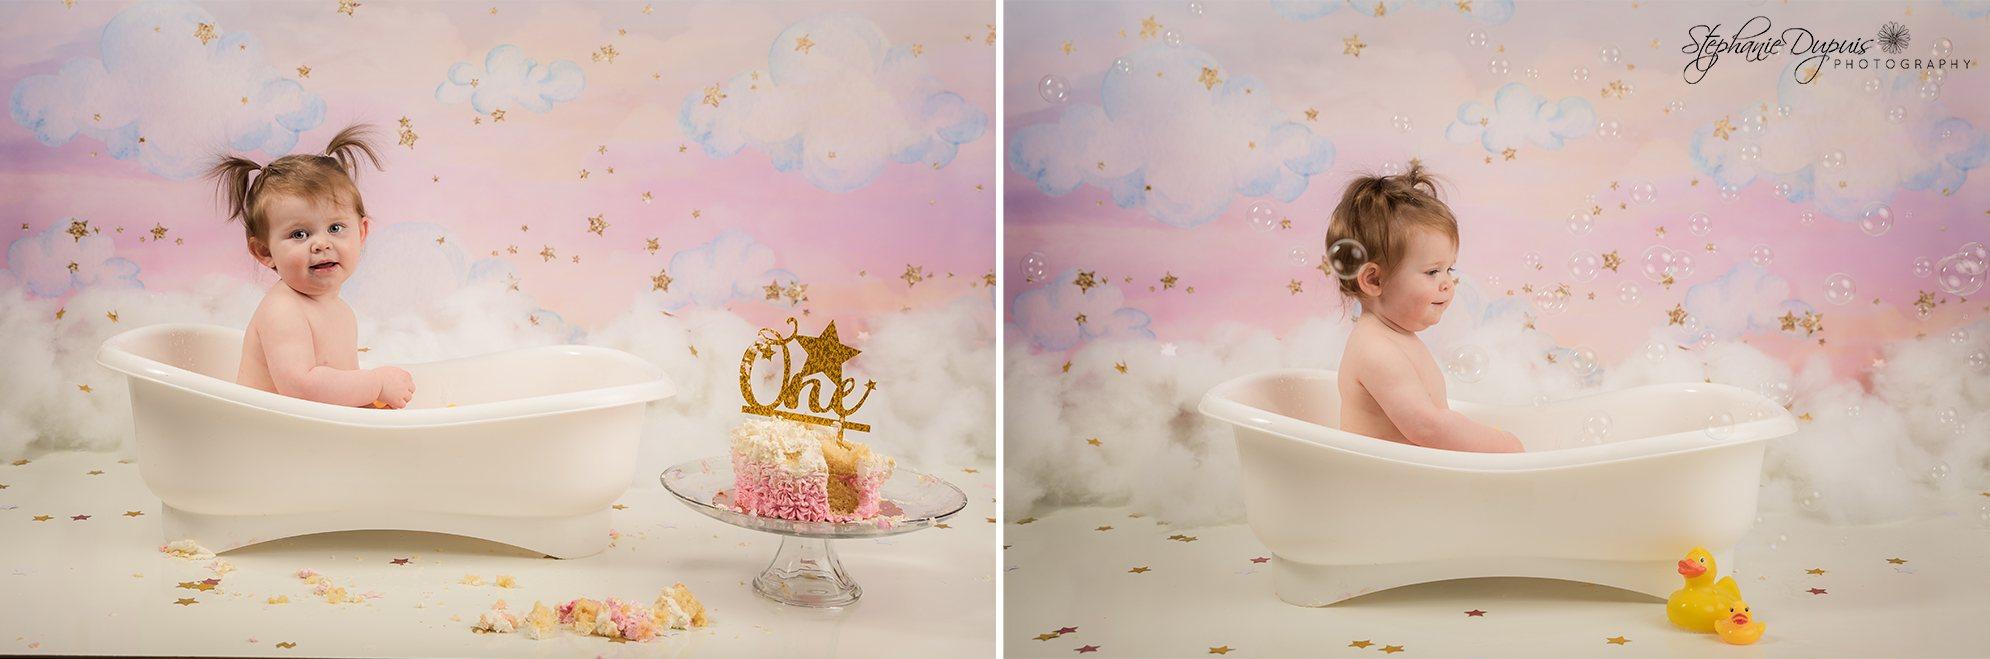 Mia Cake Smash 9 - Portfolio: Mia Cake Smash Session